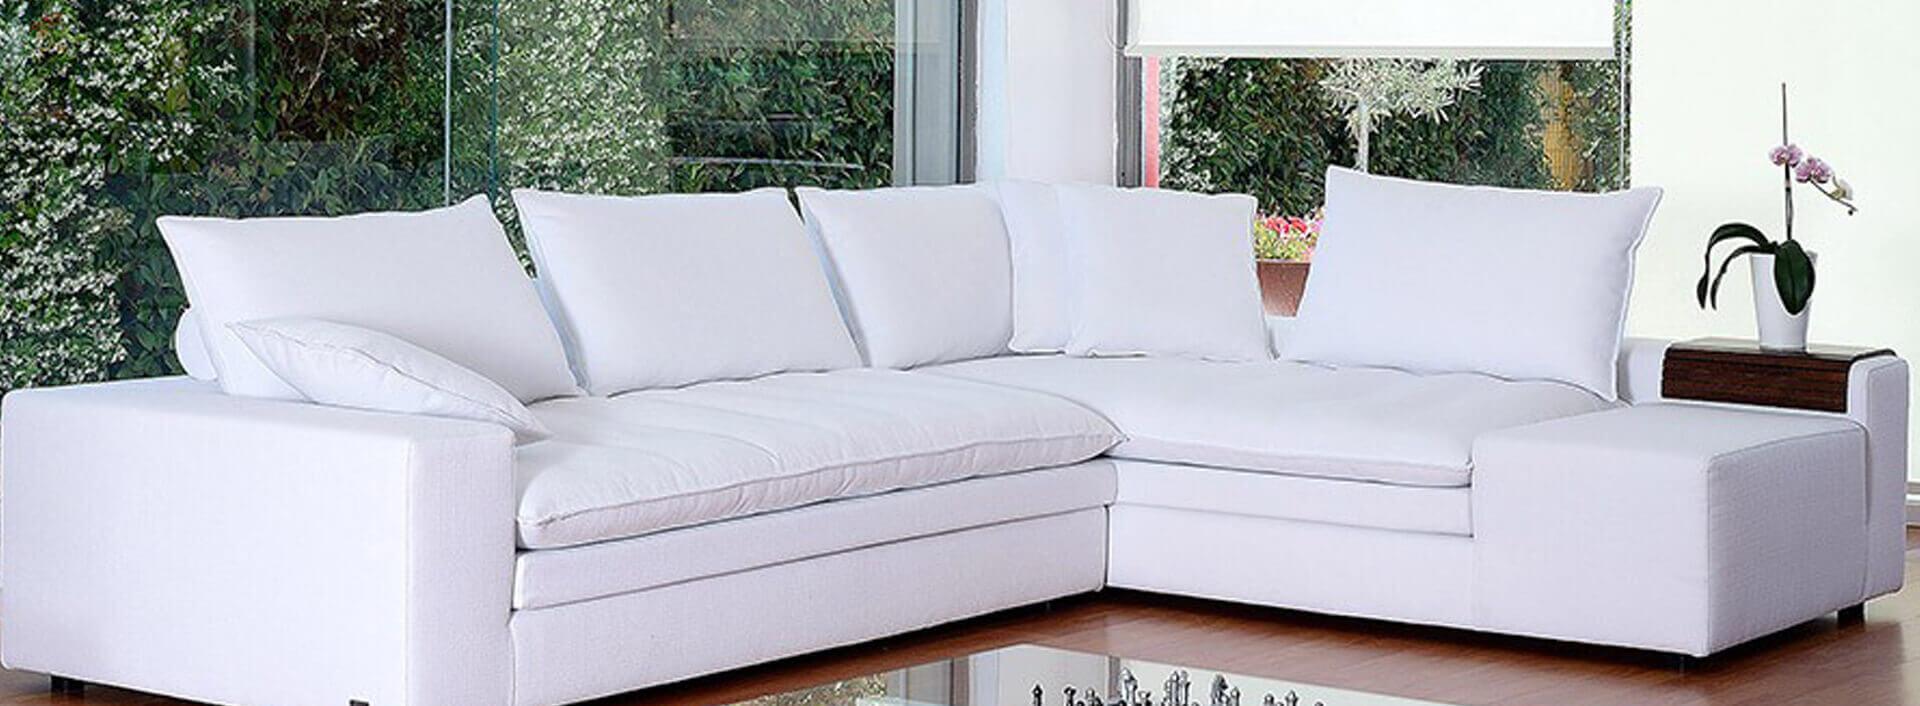 lyon sofa